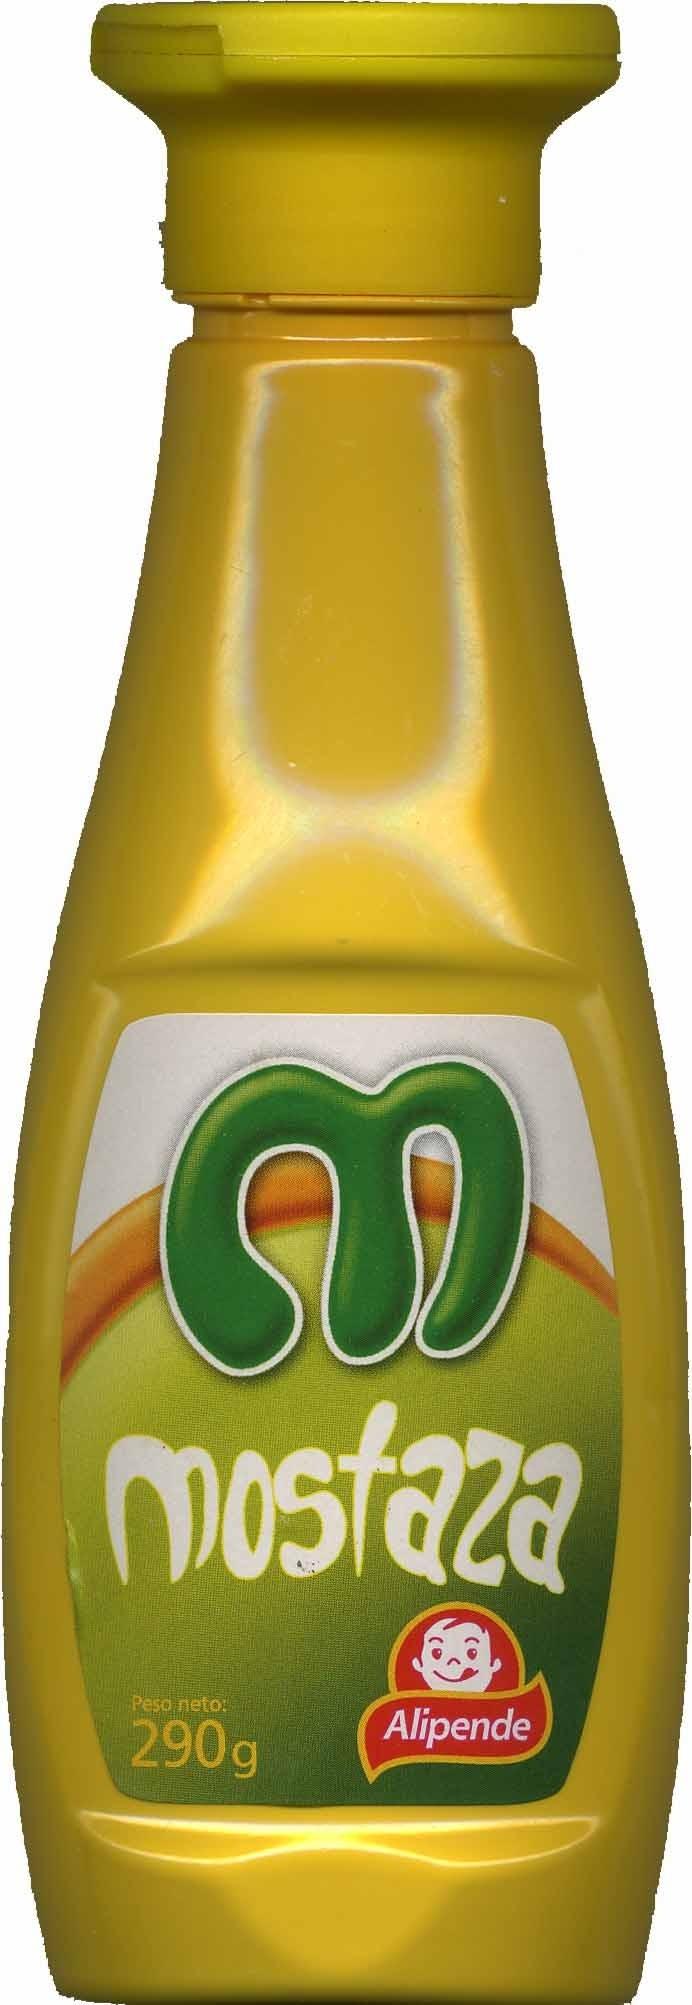 """Salsa de mostaza """"Alipende"""" - DESCATALOGADO - Producte"""